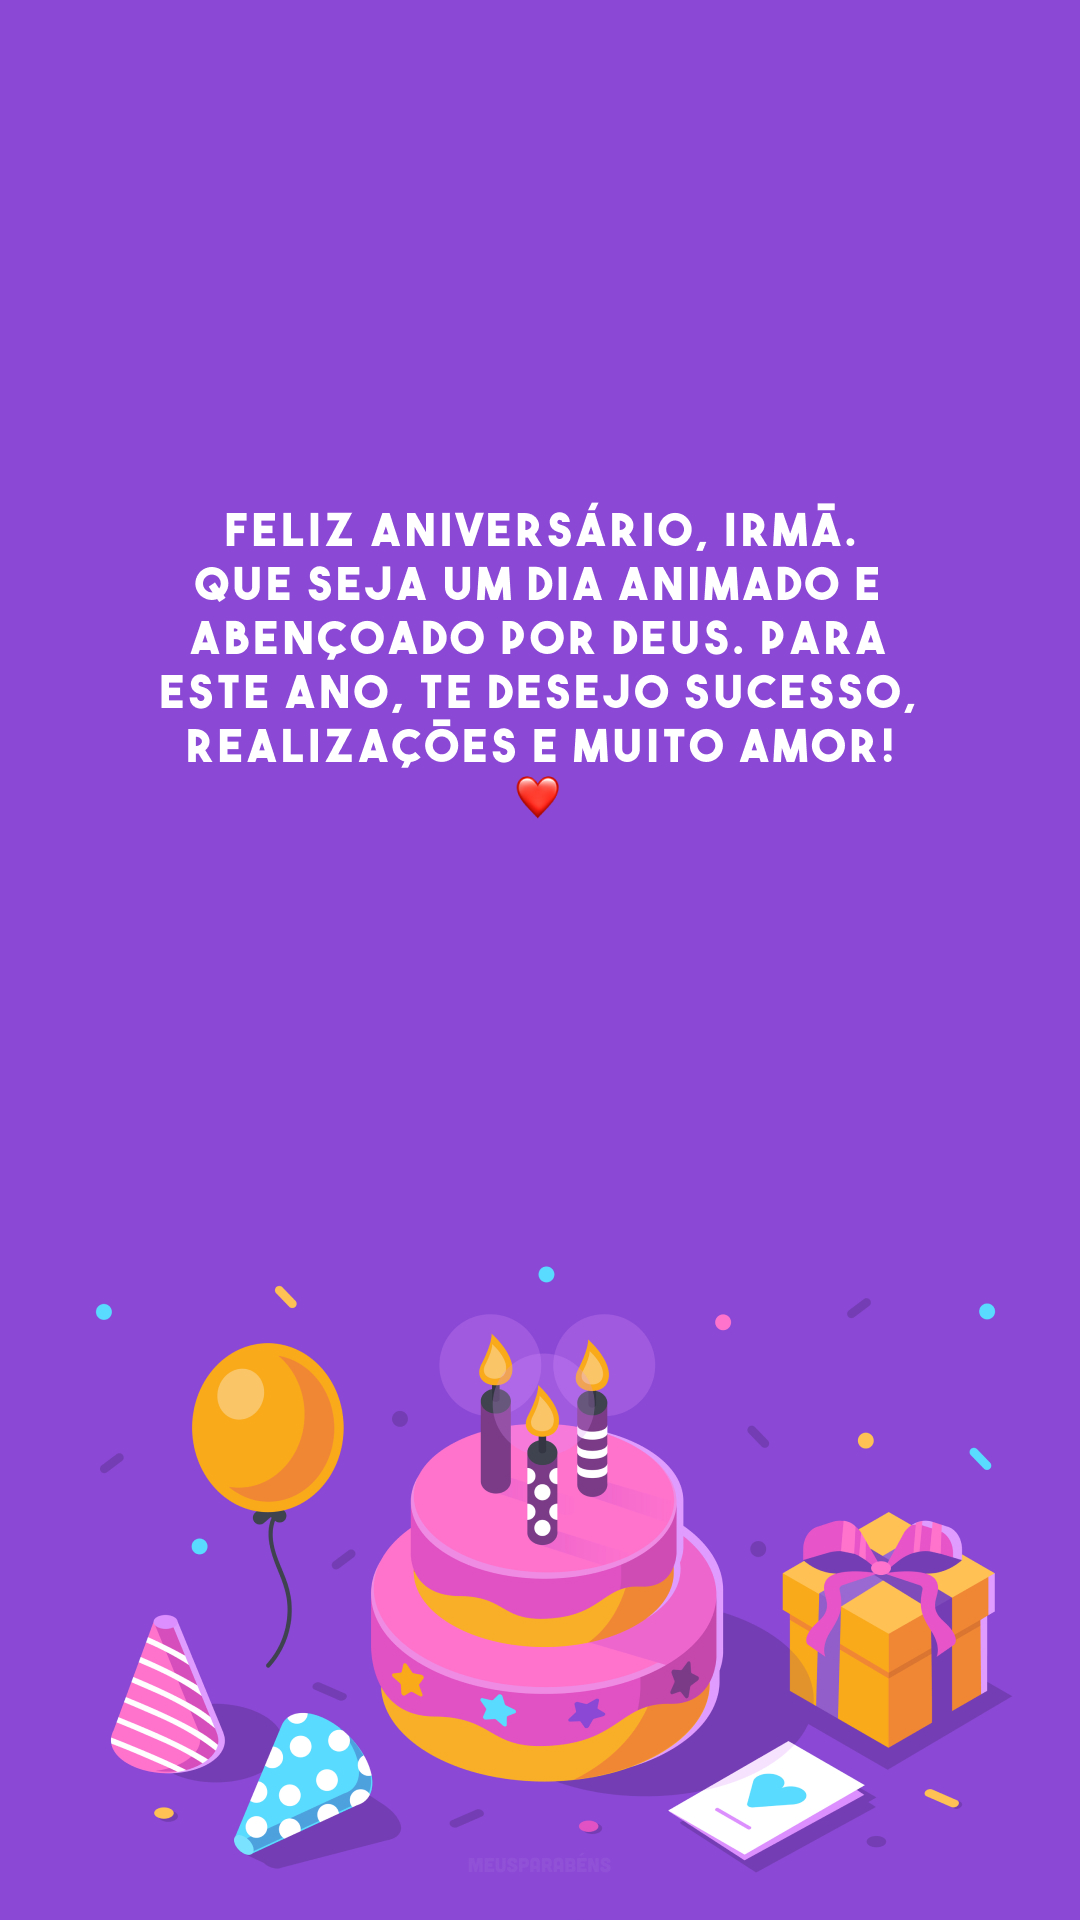 Feliz aniversário, irmã. Que seja um dia animado e abençoado por Deus. Para este ano, te desejo sucesso, realizações e muito amor! ❤️